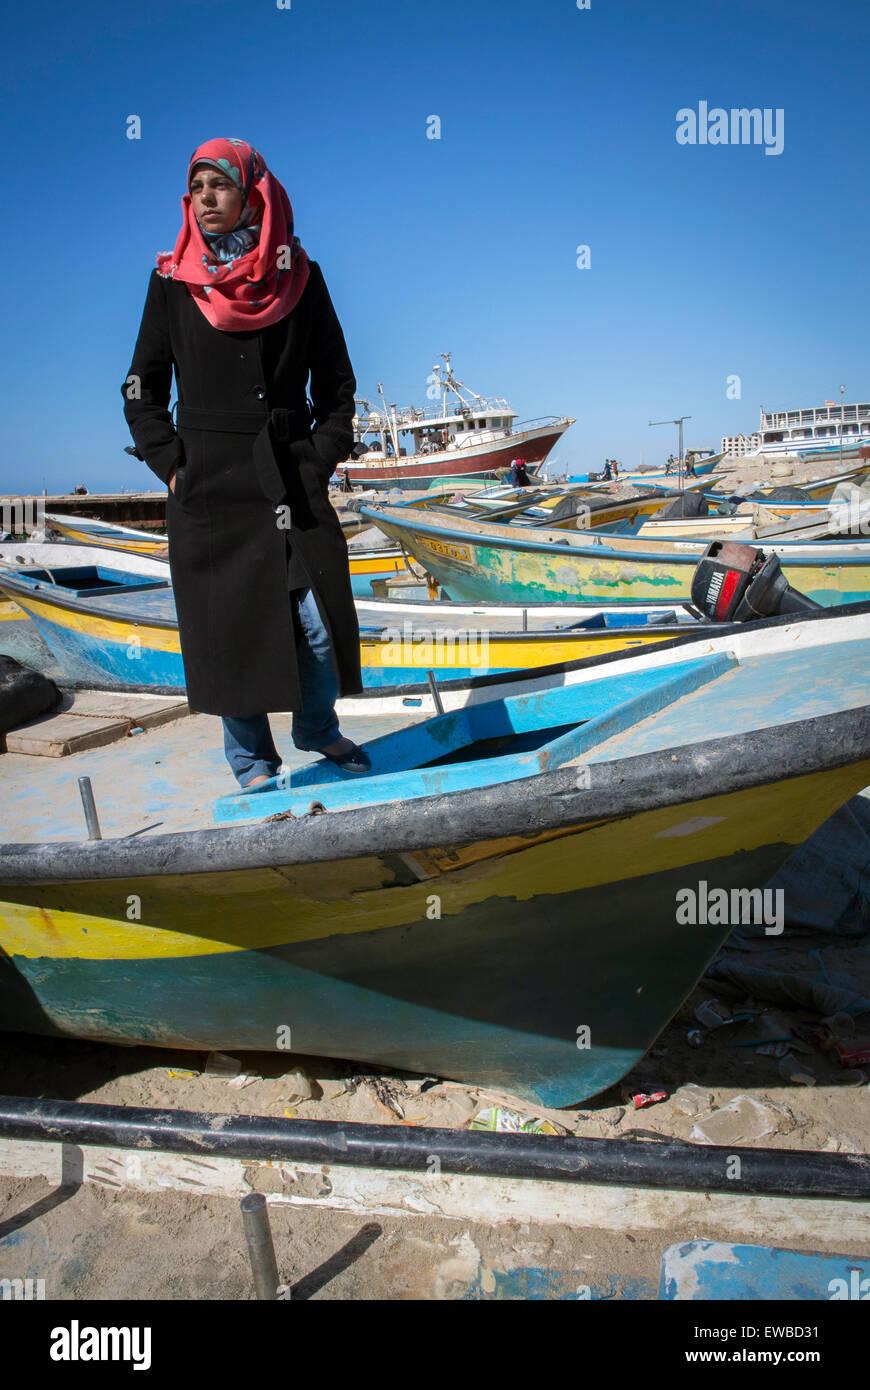 Der Gaza-Streifen steht nur Fischer 21 Jahr alt Madeline Kollab auf ihrem beschädigten Fischerboot im Hafen Stockbild